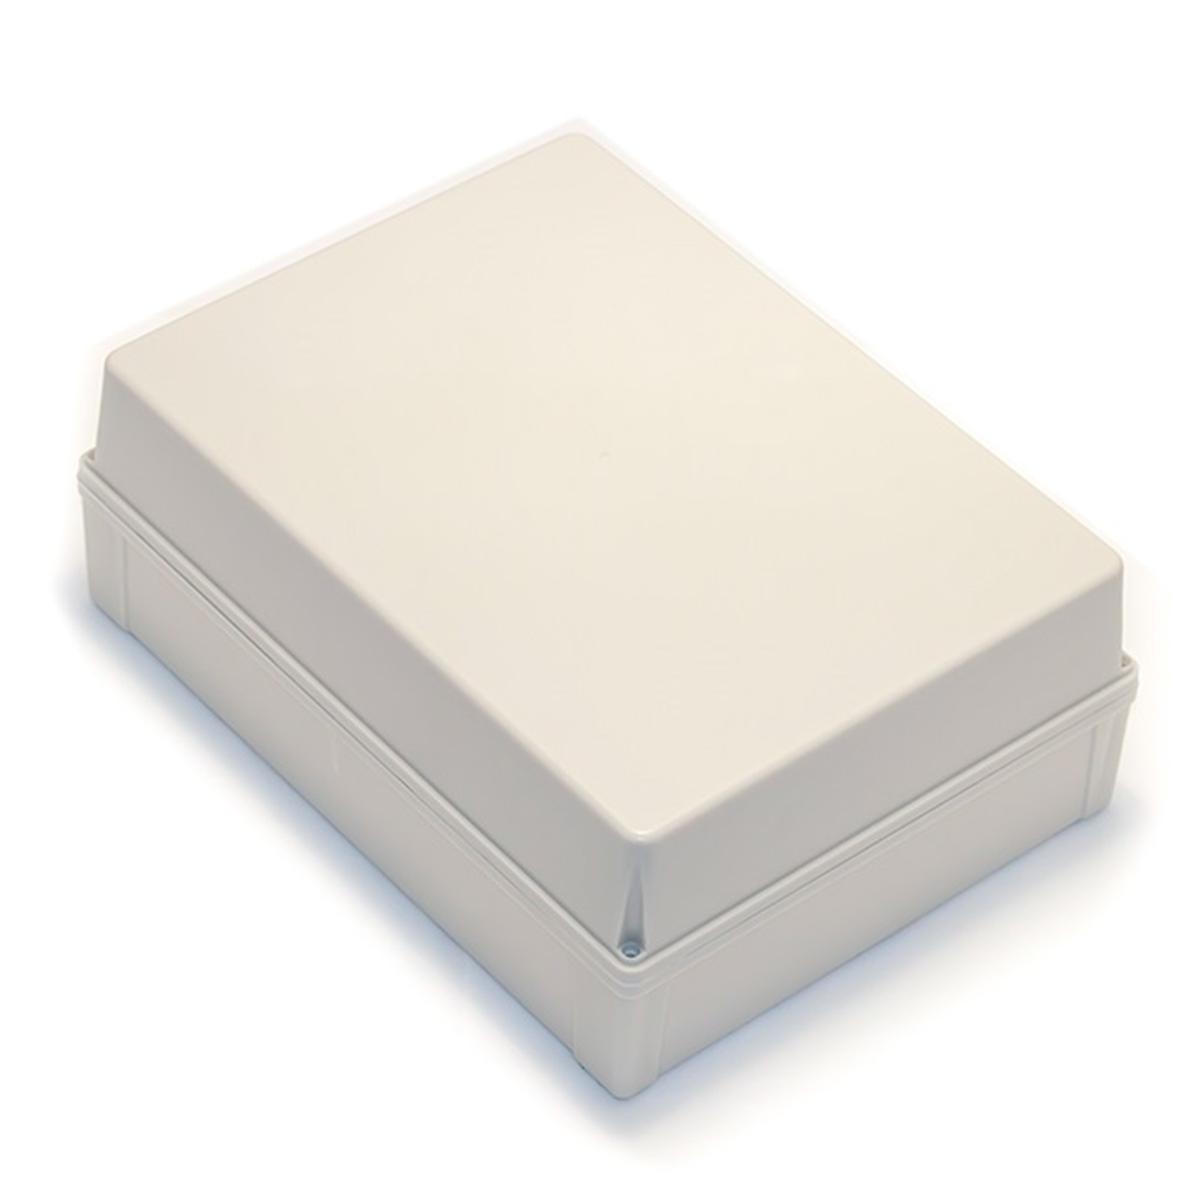 Caixa Plástica Pvc 350X260X130mm Com Fechamento por Parafusos